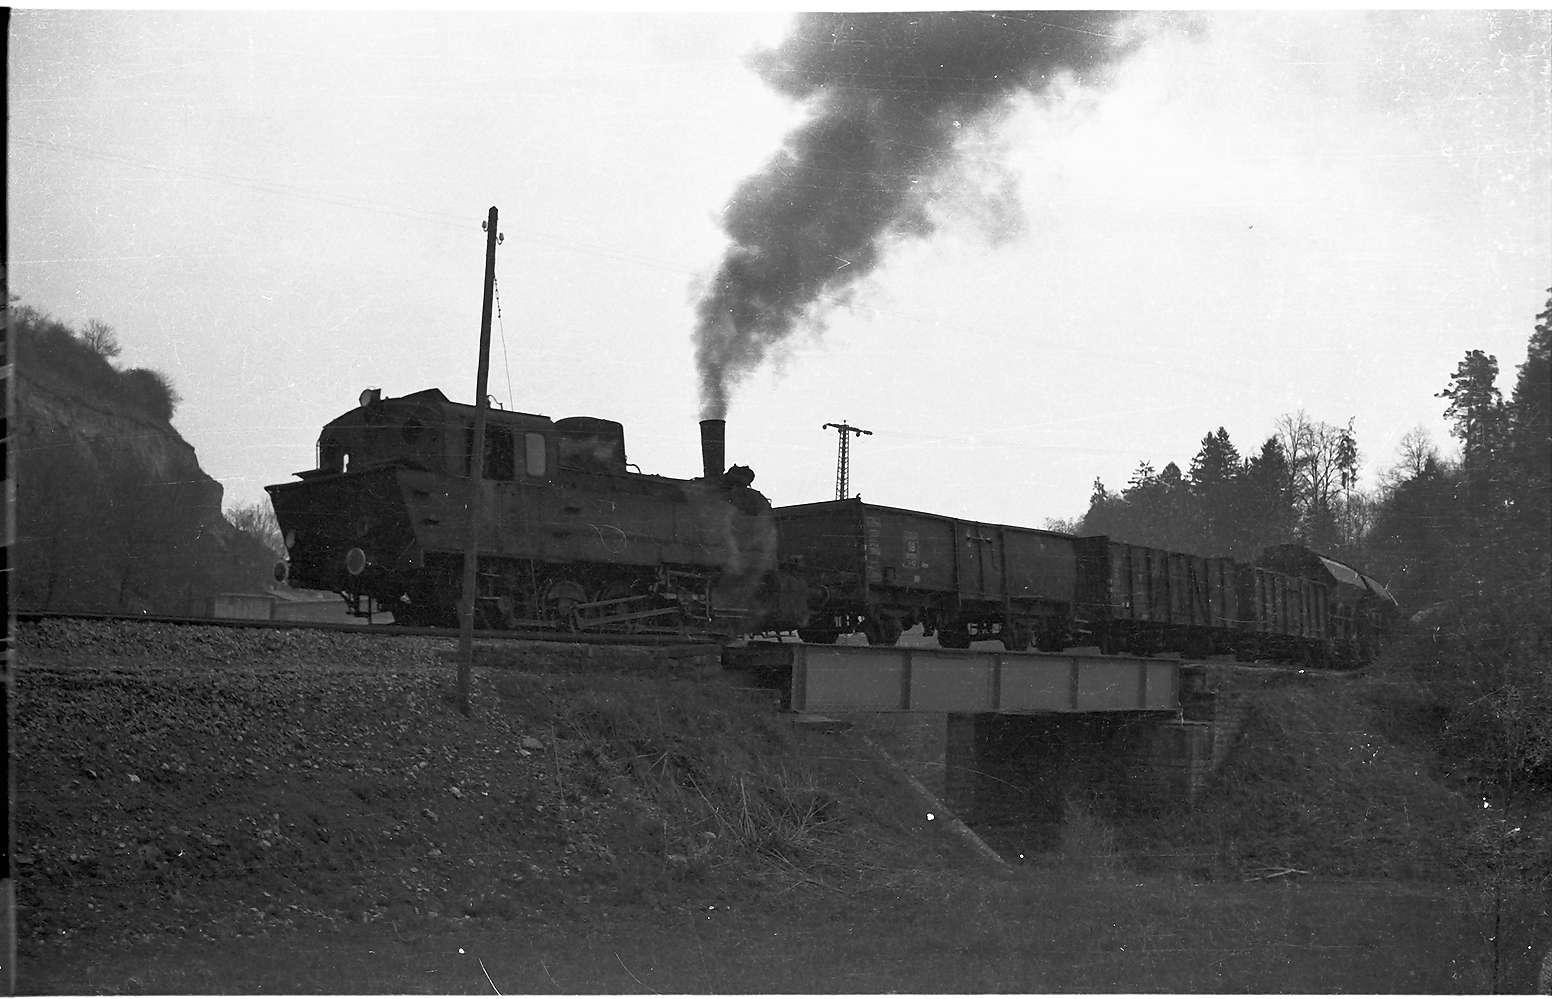 Lok 21, Güterzug G 300 bei Stetten bei Haigerloch, Stunzachbrücke von 1901, Bild 1